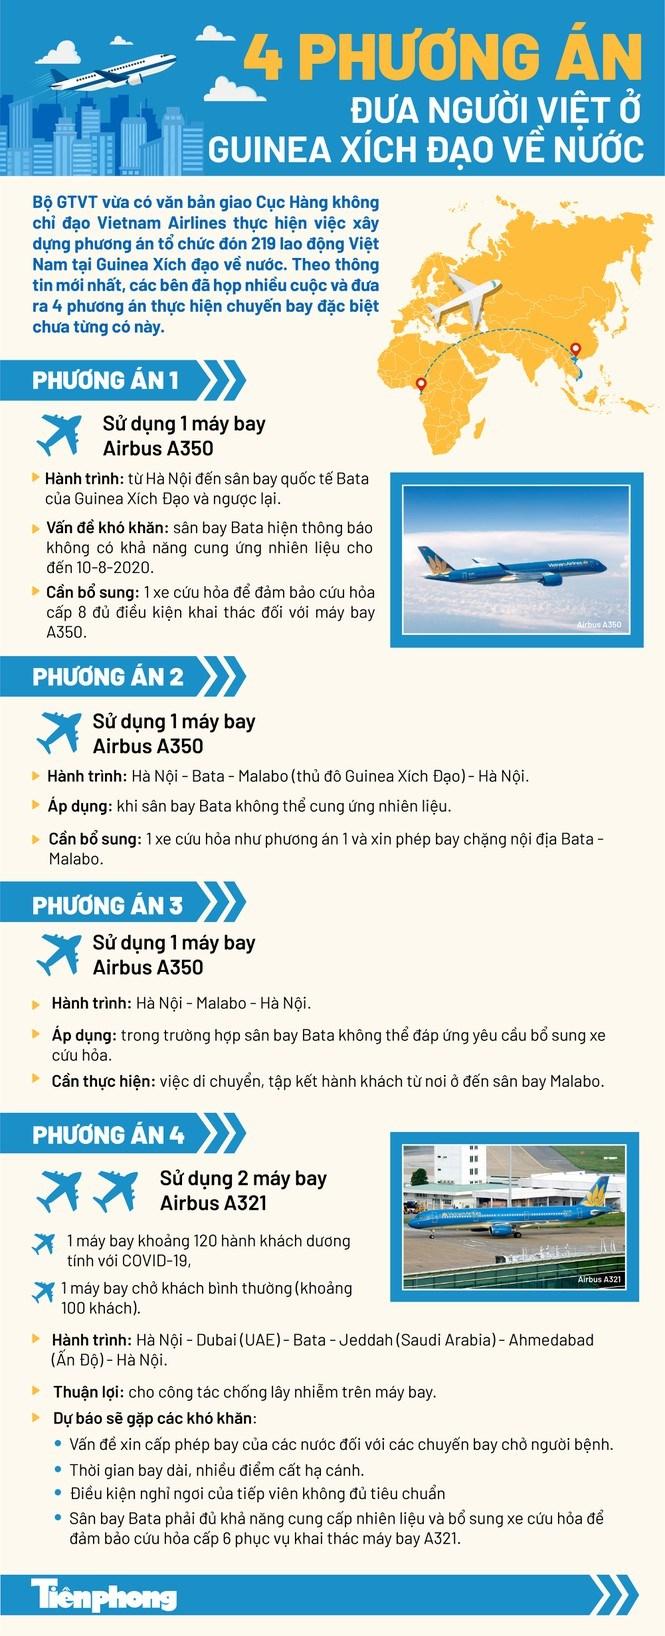 [Infographics] 4 phương án cho chuyến bay đặc biệt đưa người Việt từ Guinea Xích Đạo về nước - Ảnh 1